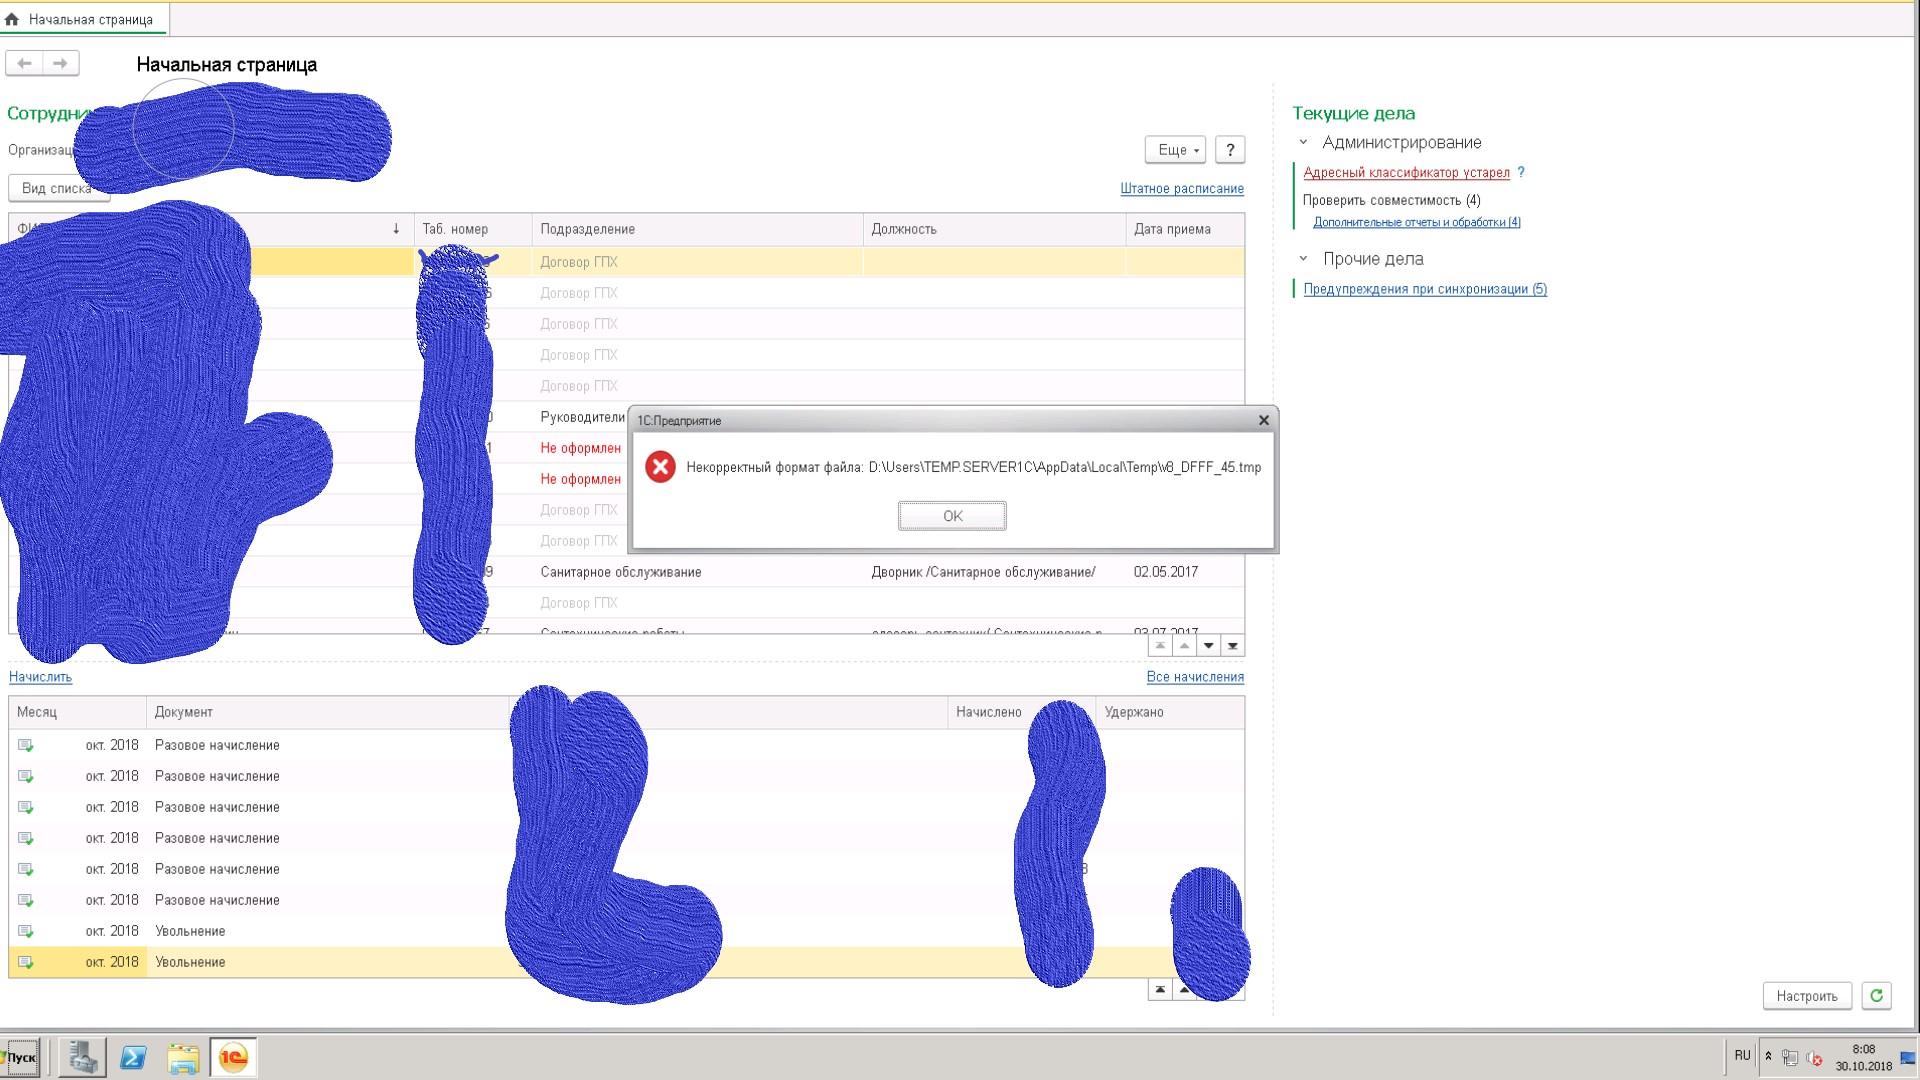 Ошибка 1с при обновление классификатора адреса, фото